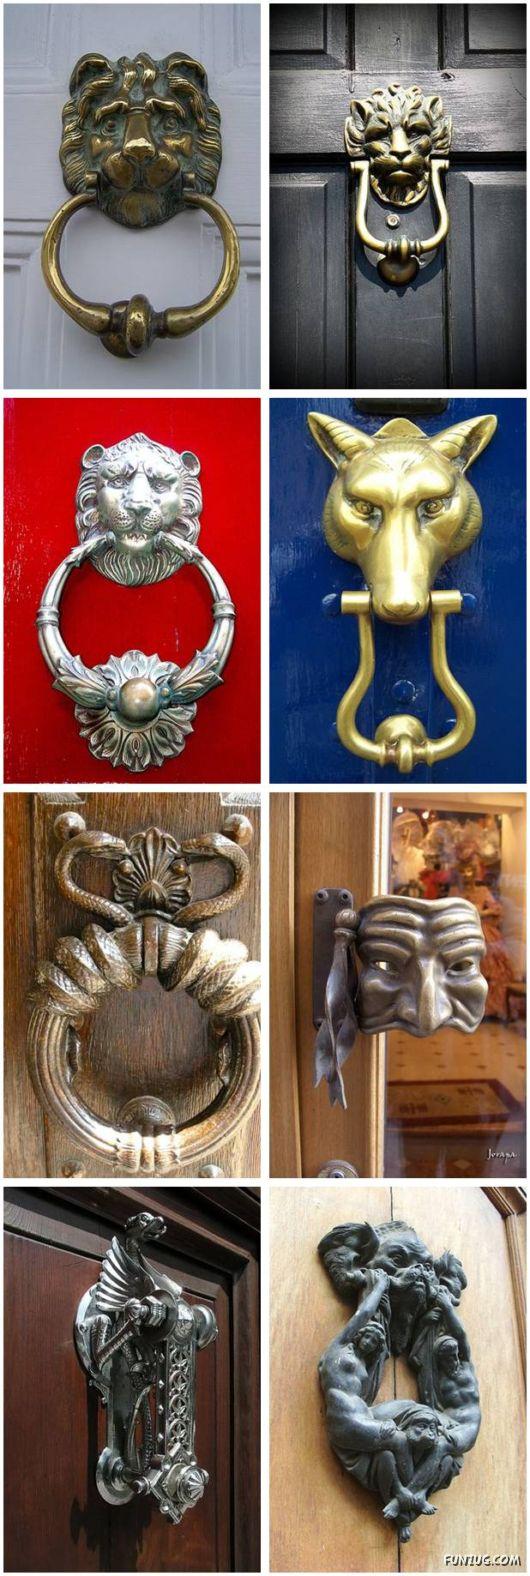 Most Elegant Door Handles | Funzug.com